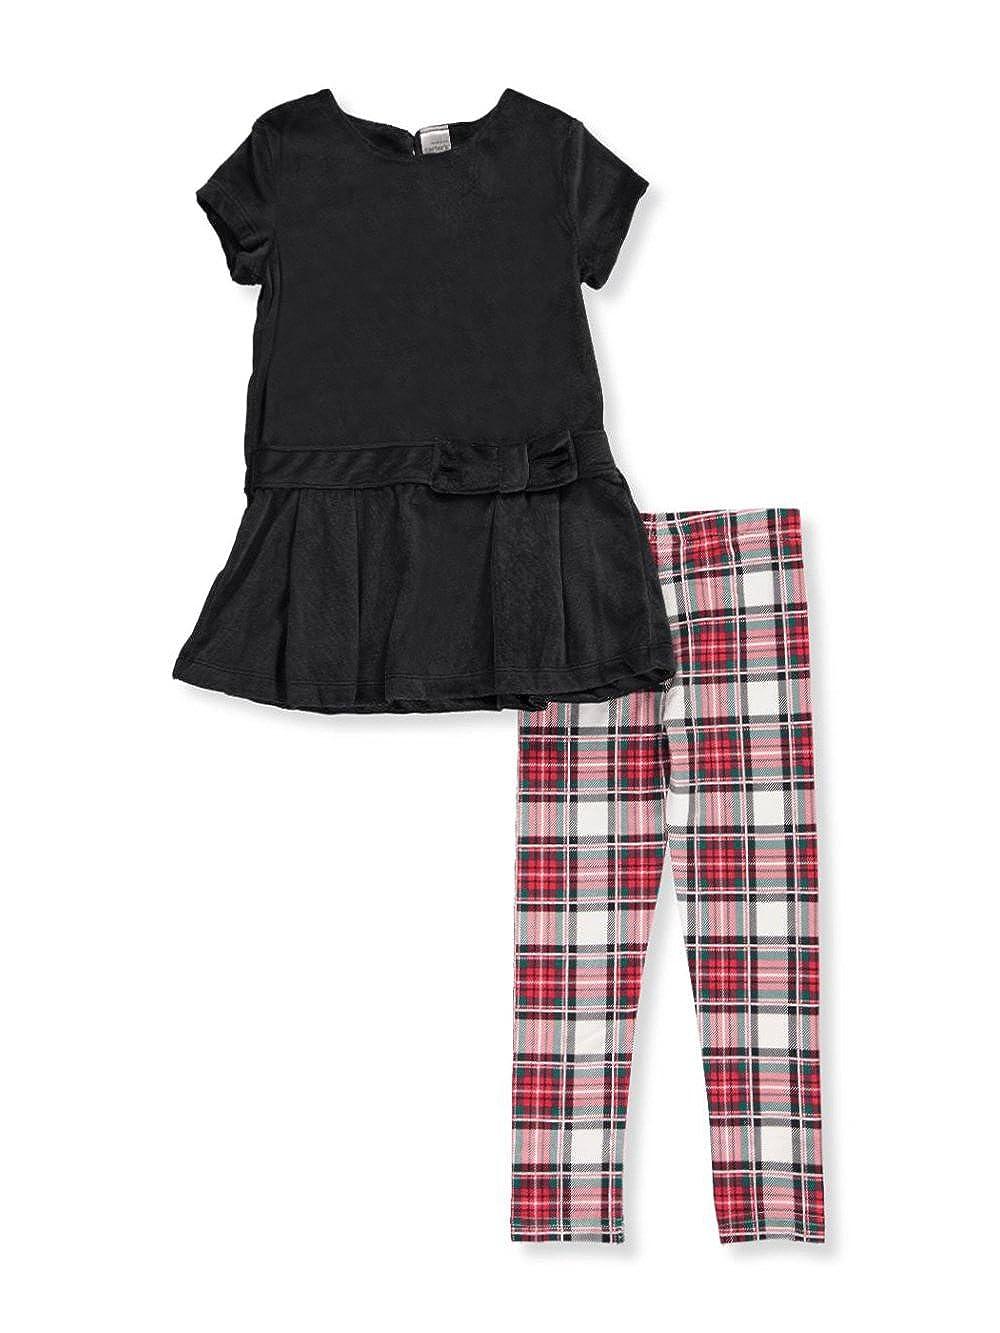 Carter's Little Girls' 2-Piece Pants Set Outfit 4 Carter' s